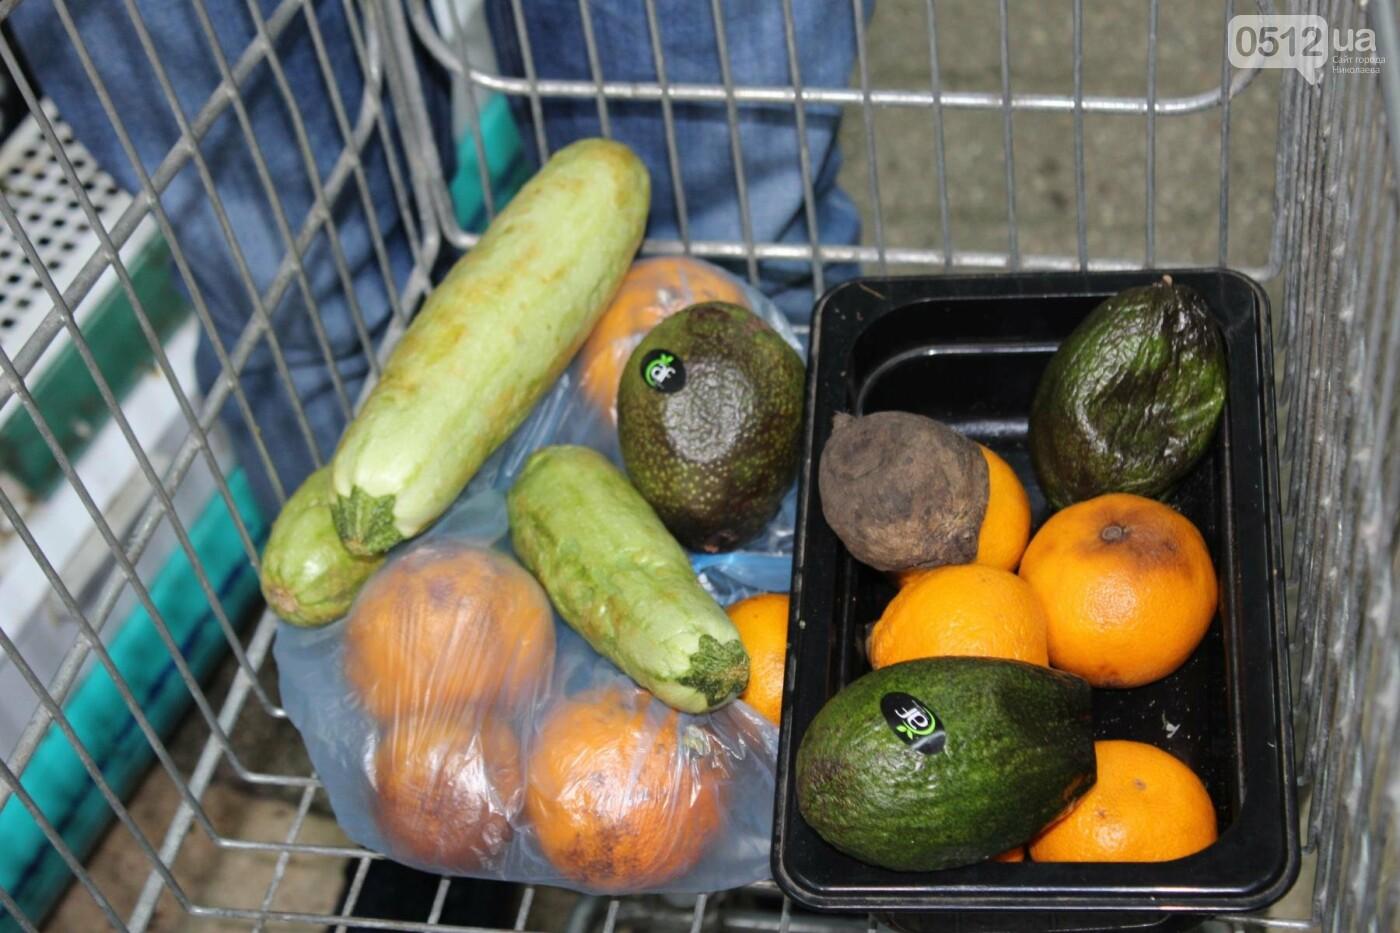 Проверка в супермаркетах: как николаевцам подсовывают испорченный товар (ФОТОРЕПОРТАЖ, ВИДЕО), фото-2